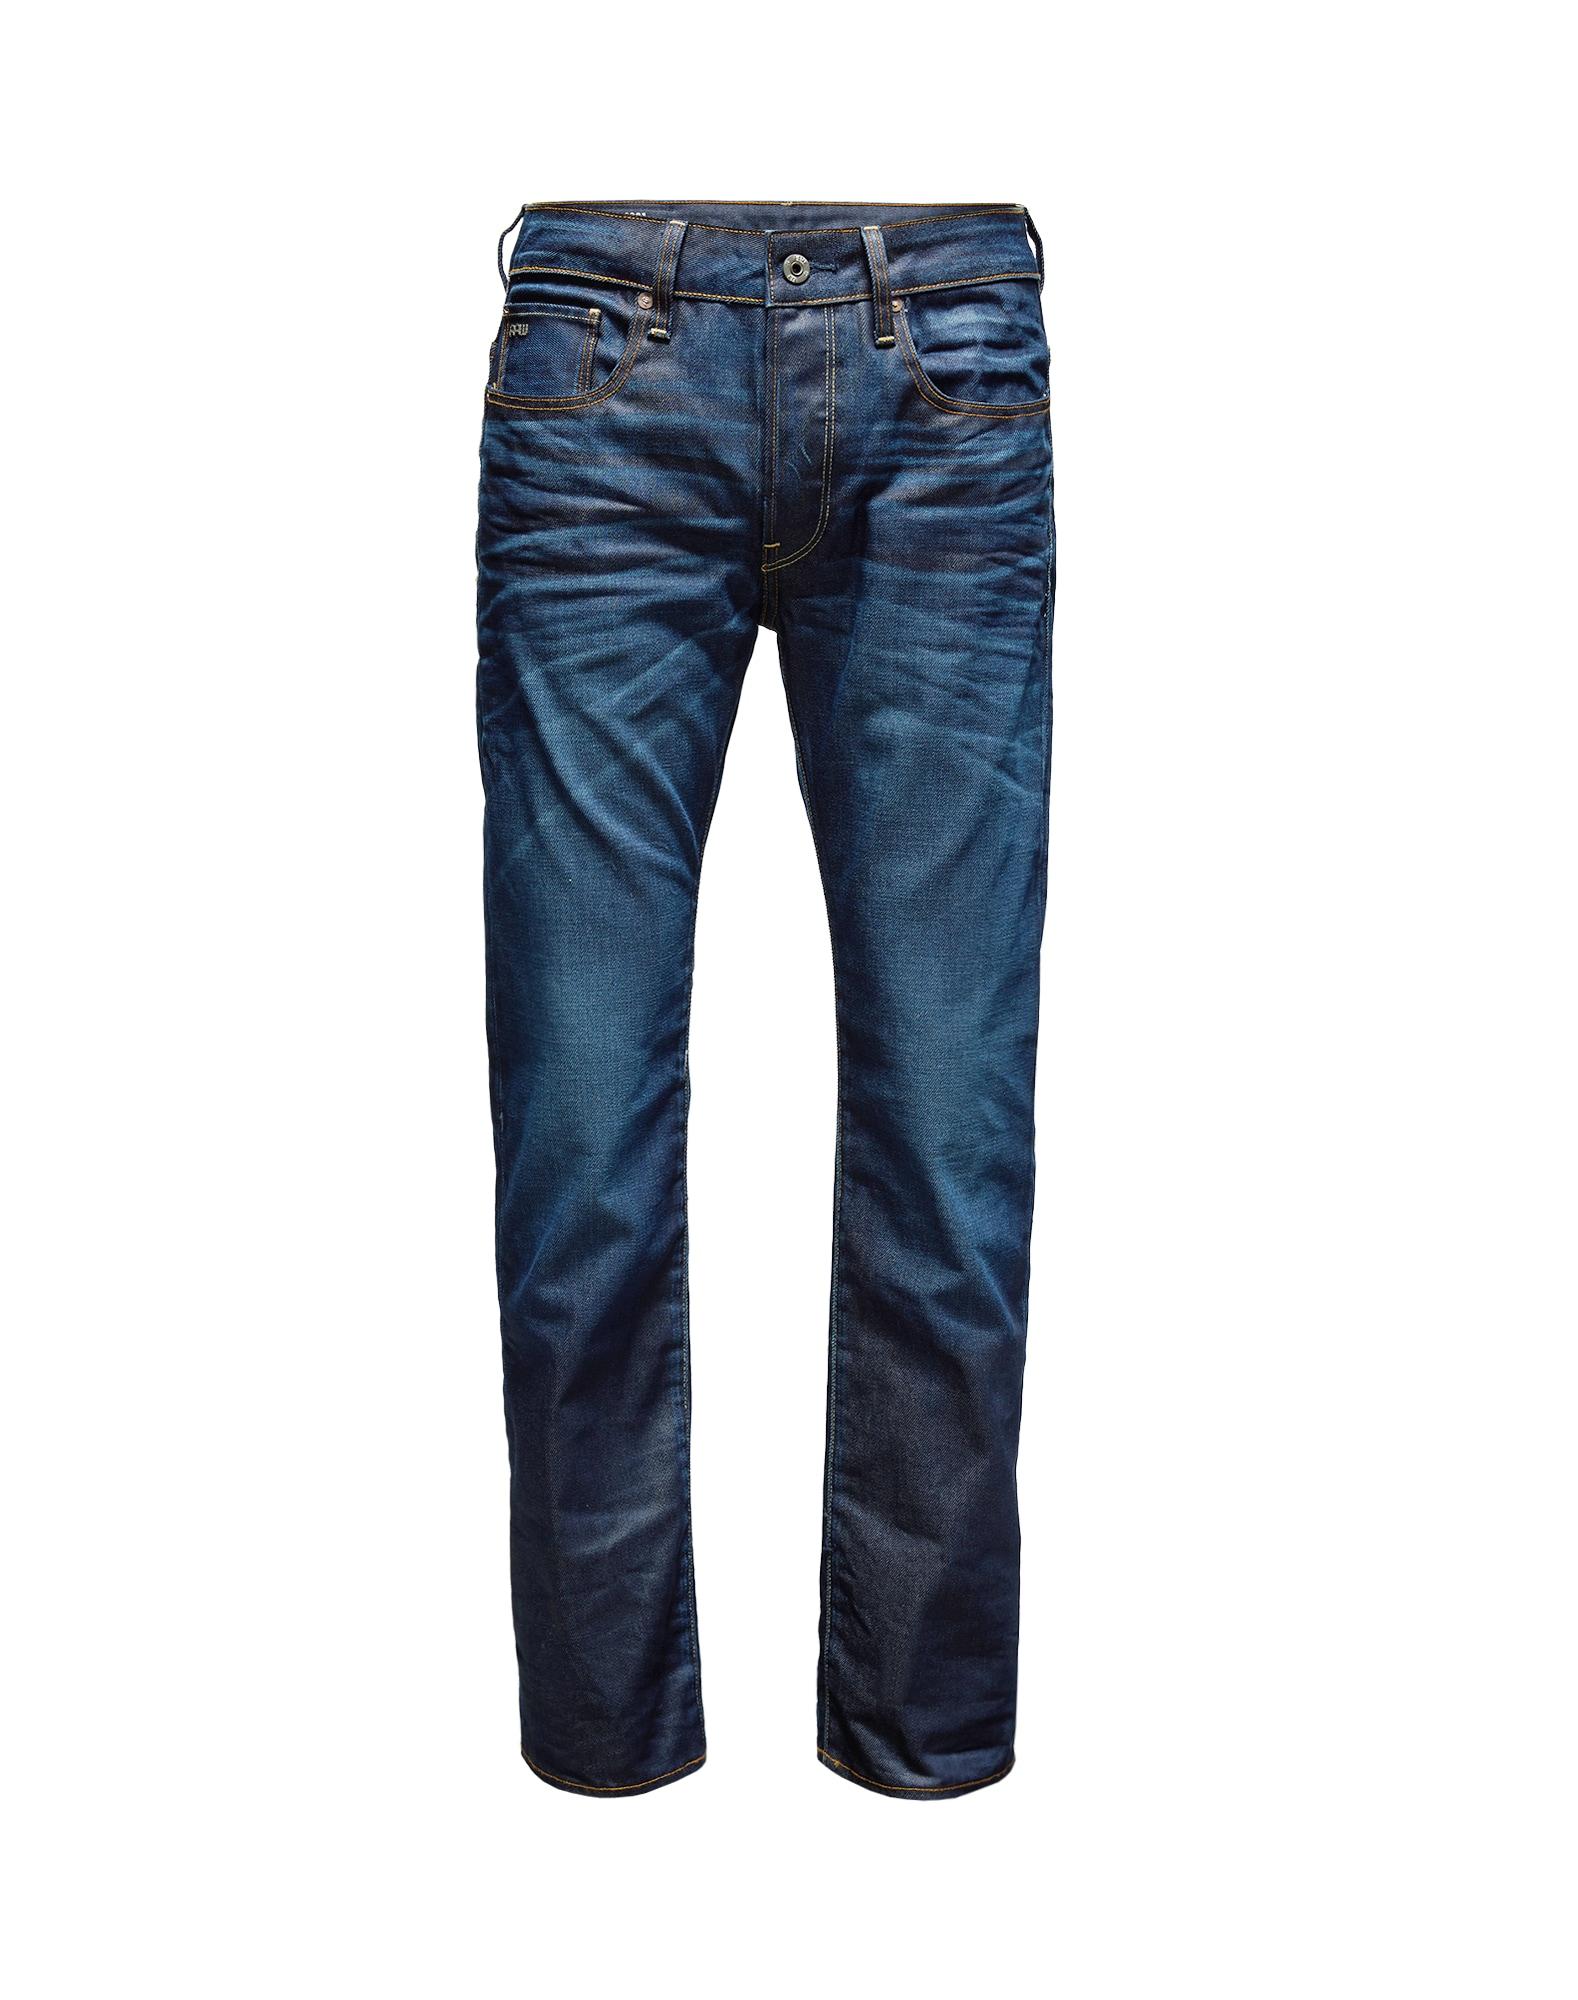 Džíny 3301 Straight tmavě modrá G-STAR RAW